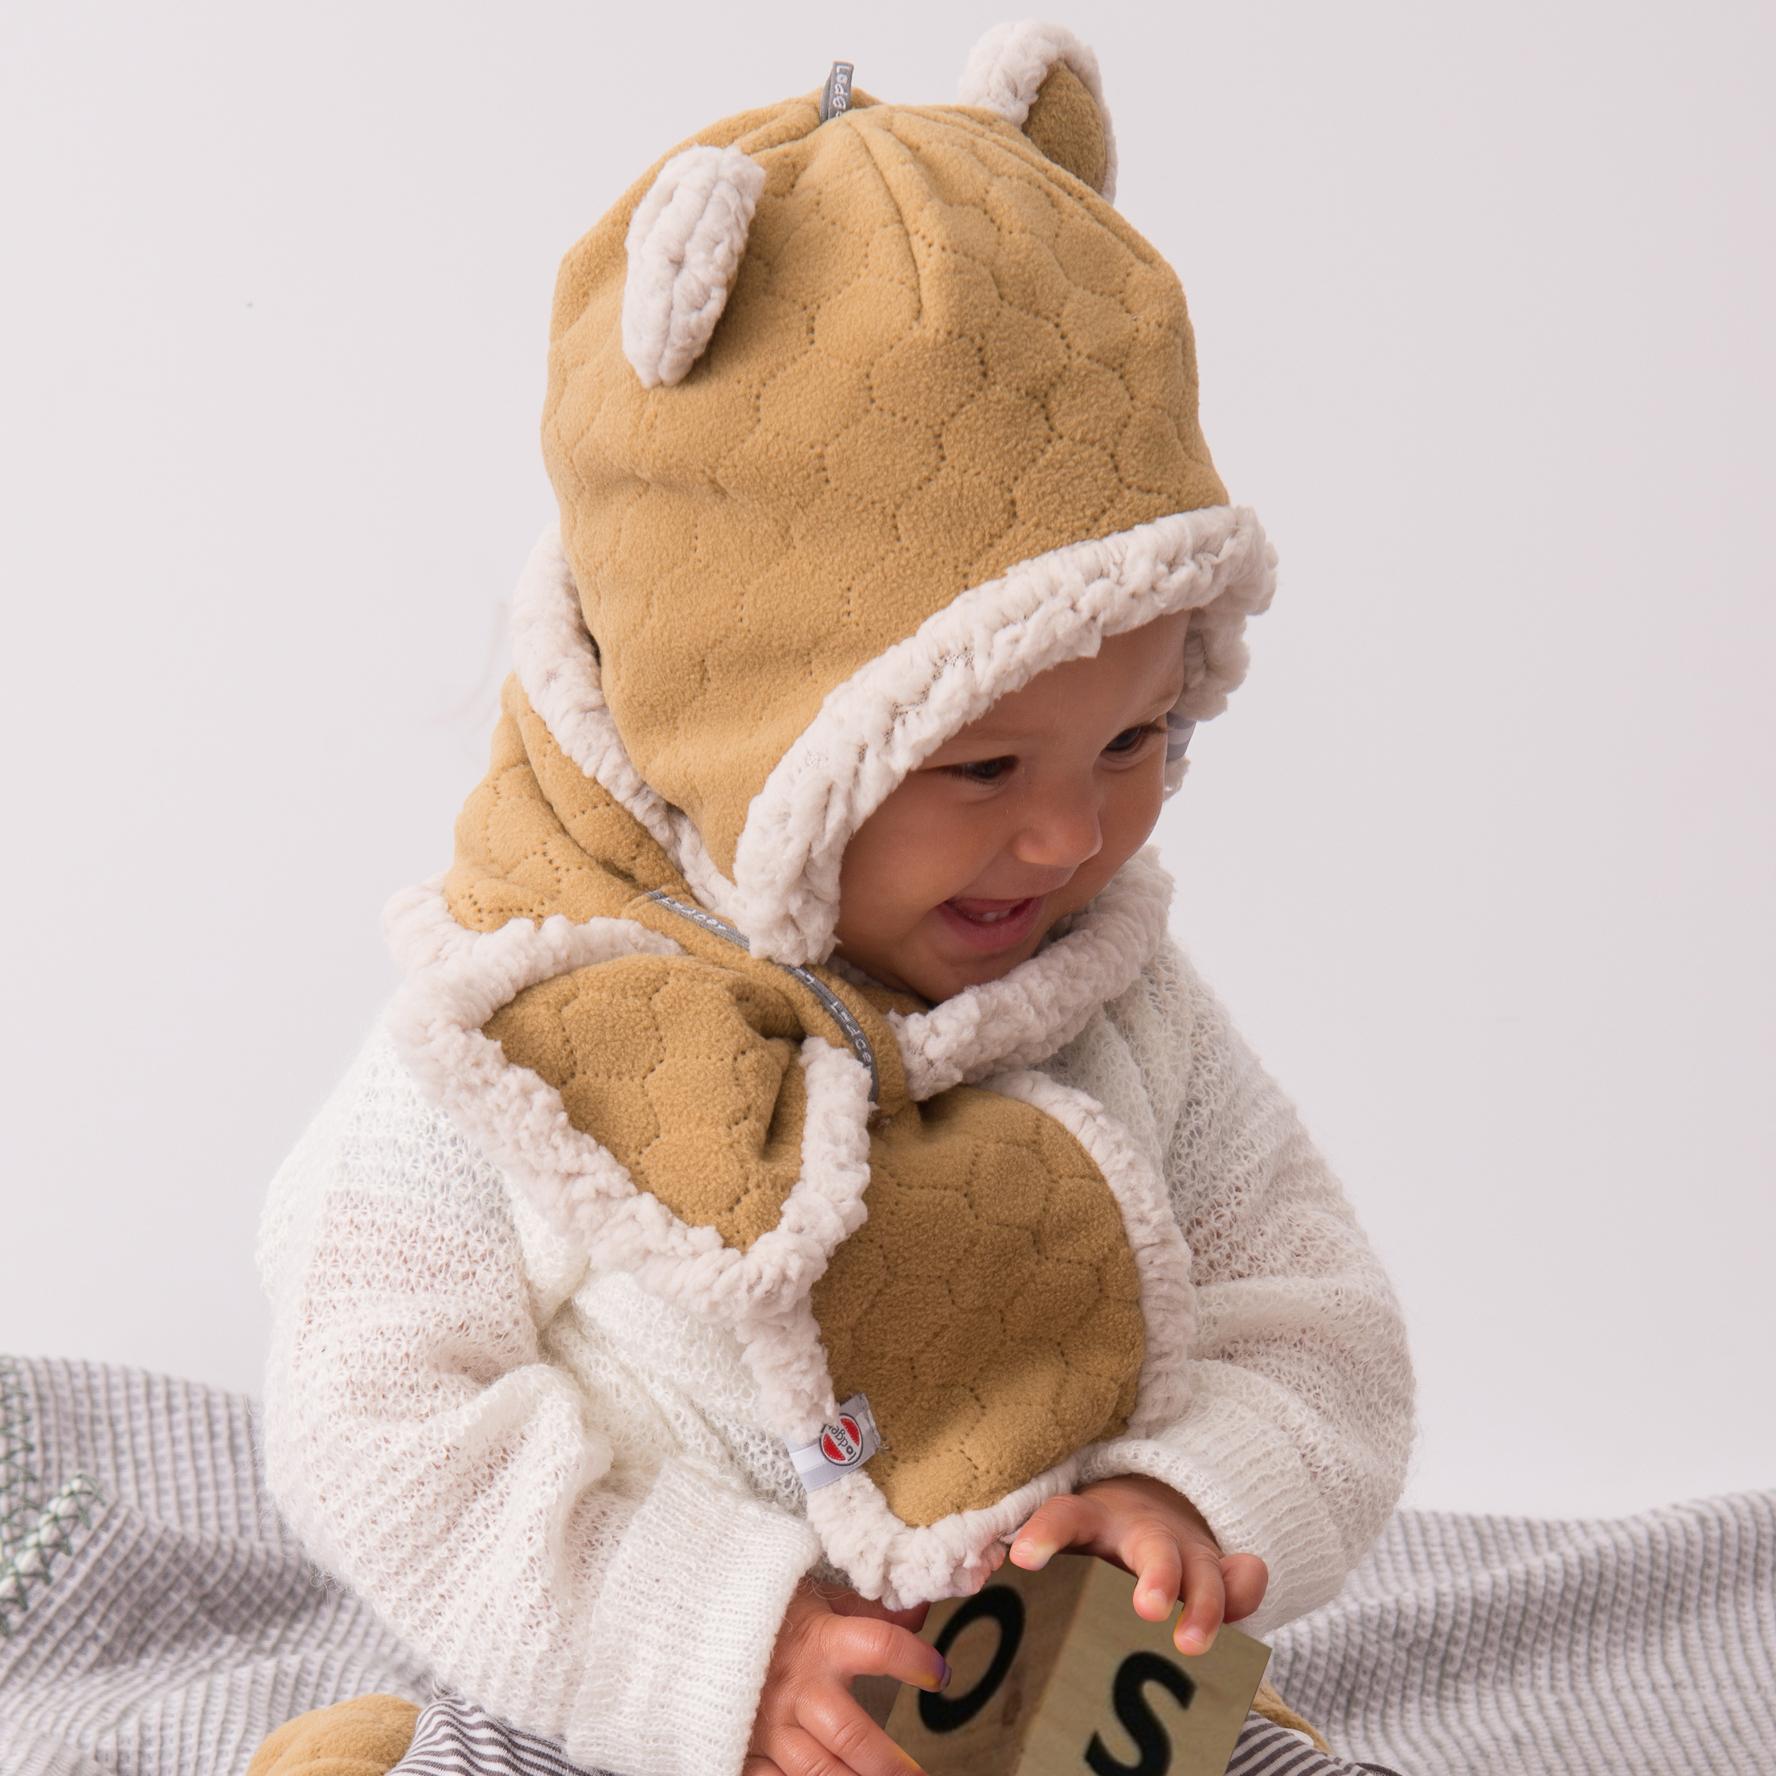 Inne rodzaje Lodger Muffler to polarowy szalik dla niemowlaków w wieku 0-12 JG82